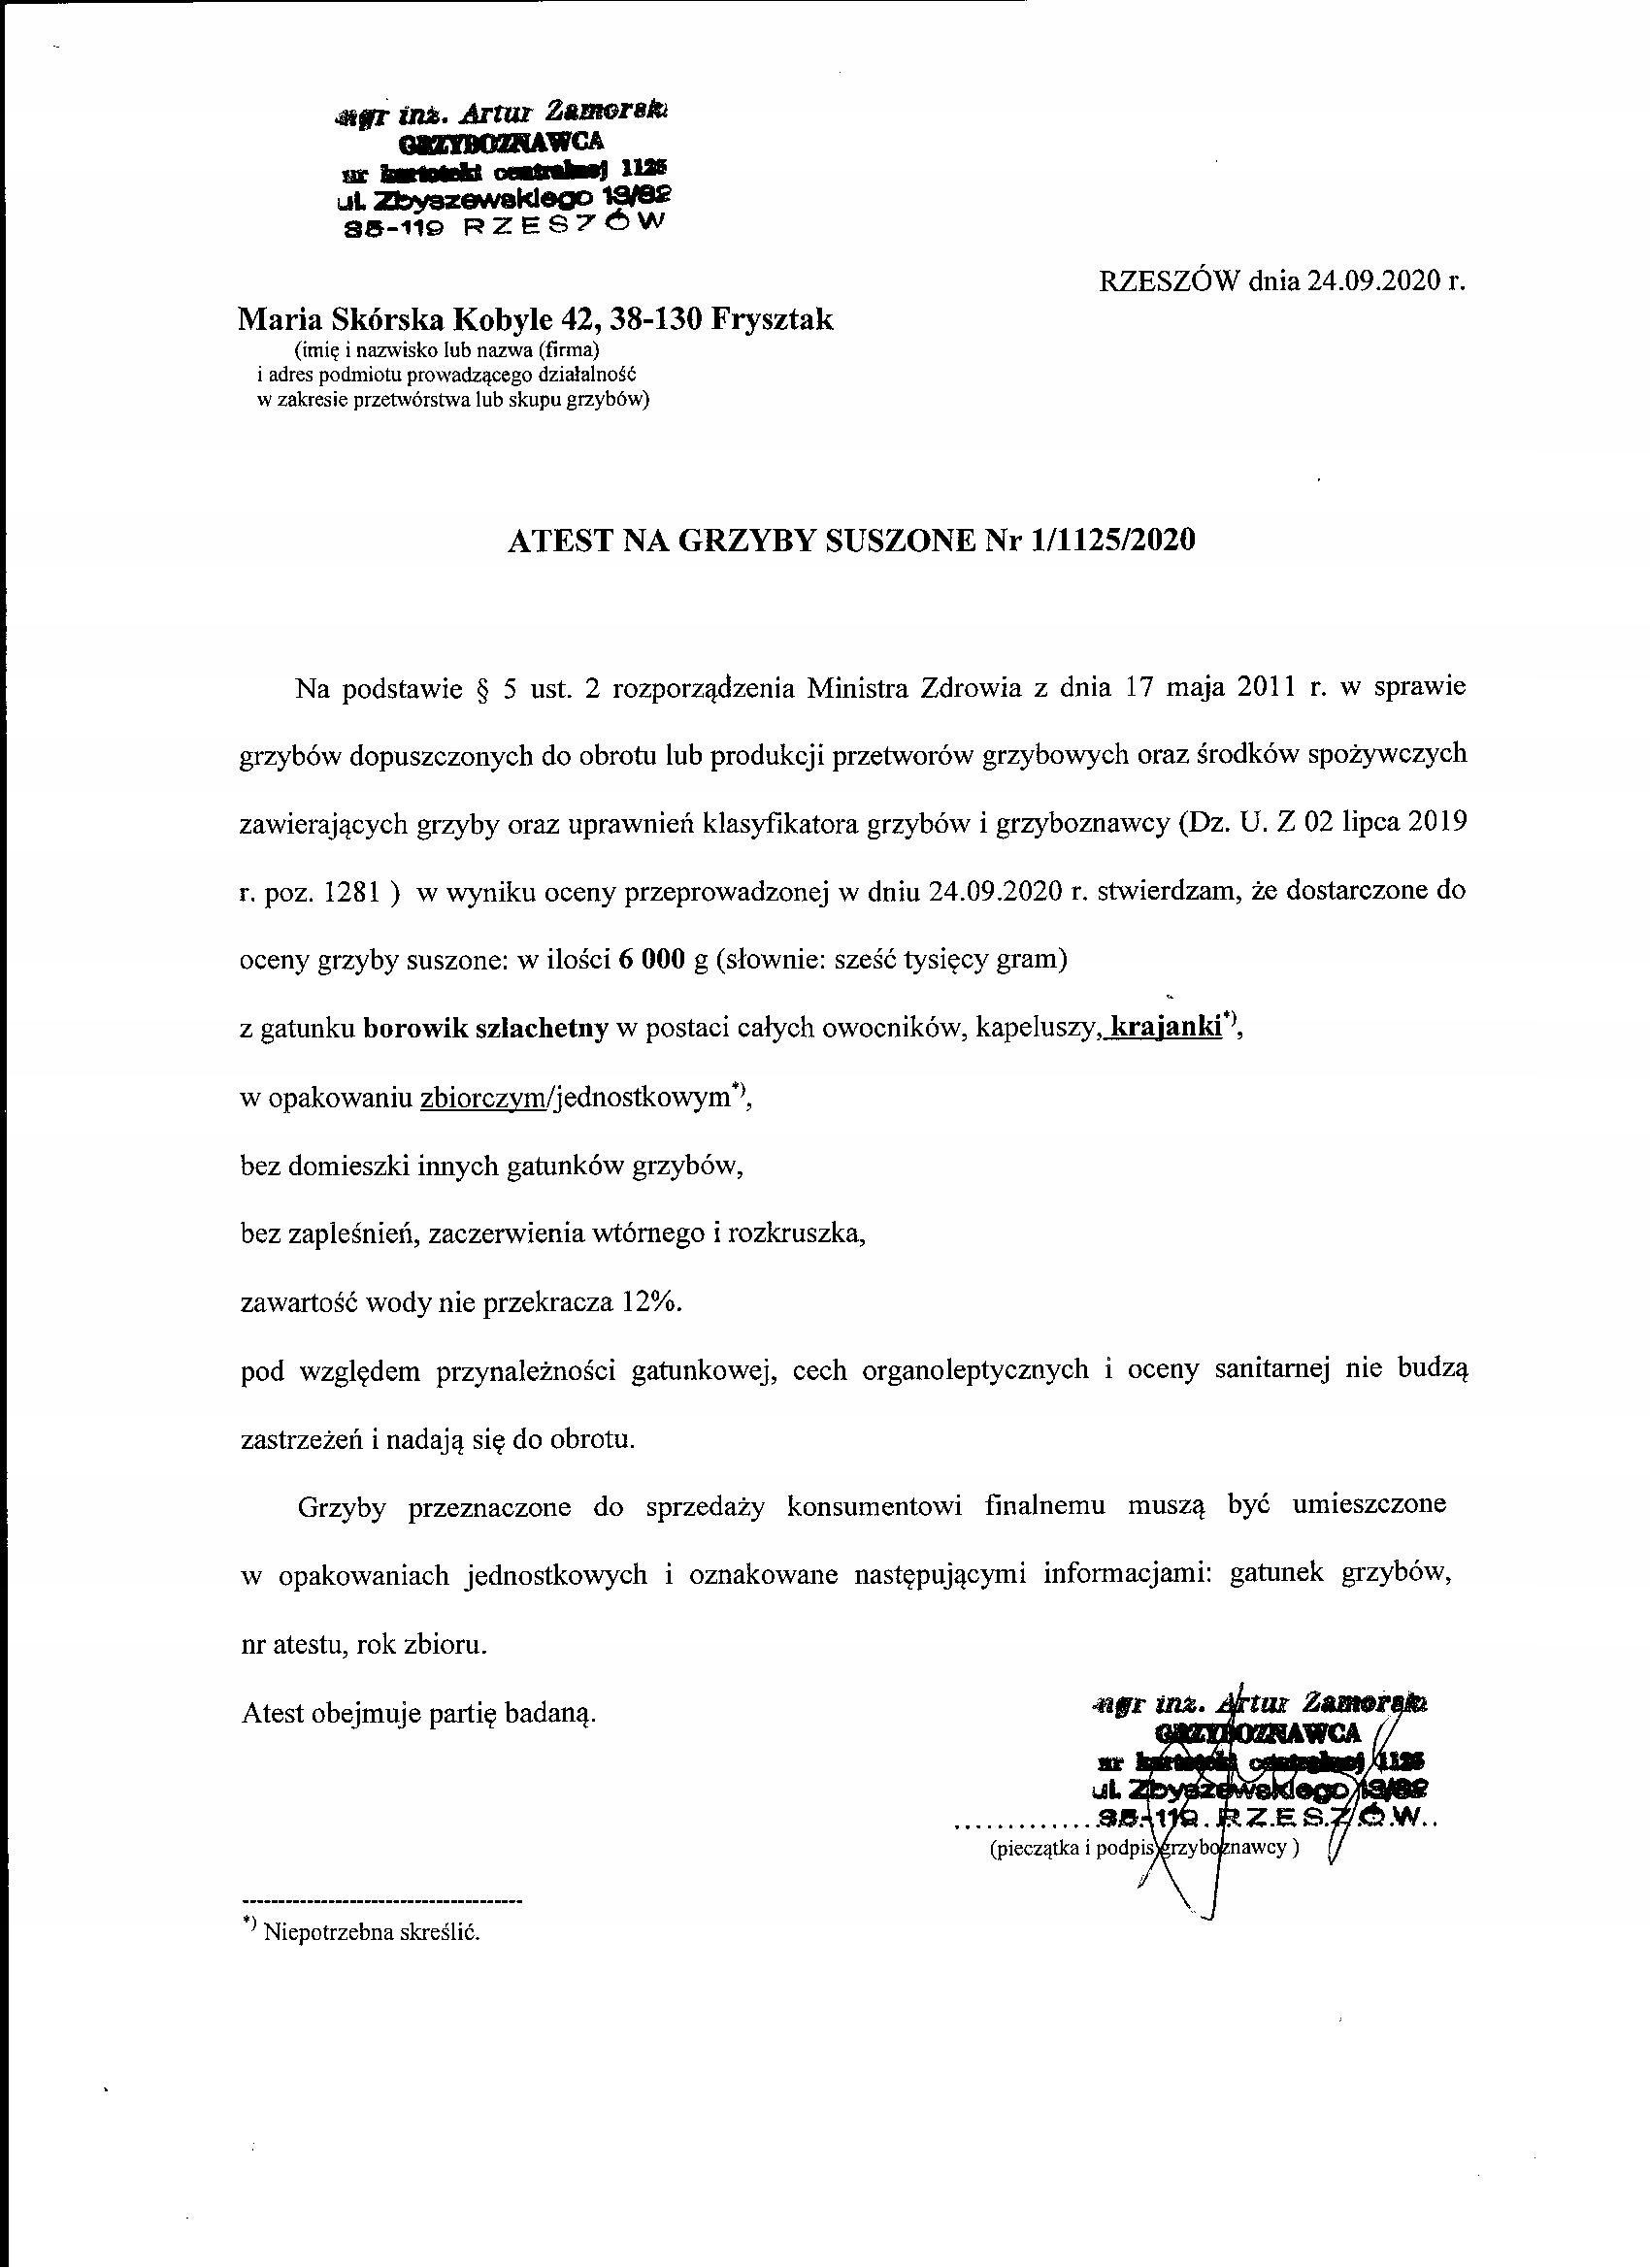 Купить НАСТОЯЩИЕ ГРИБЫ, СУШЕНЫЕ НА ПОДКАРПАЦЕ 2020 на Otpravka - цены и фото - доставка из Польши и стран Европы в Украину.